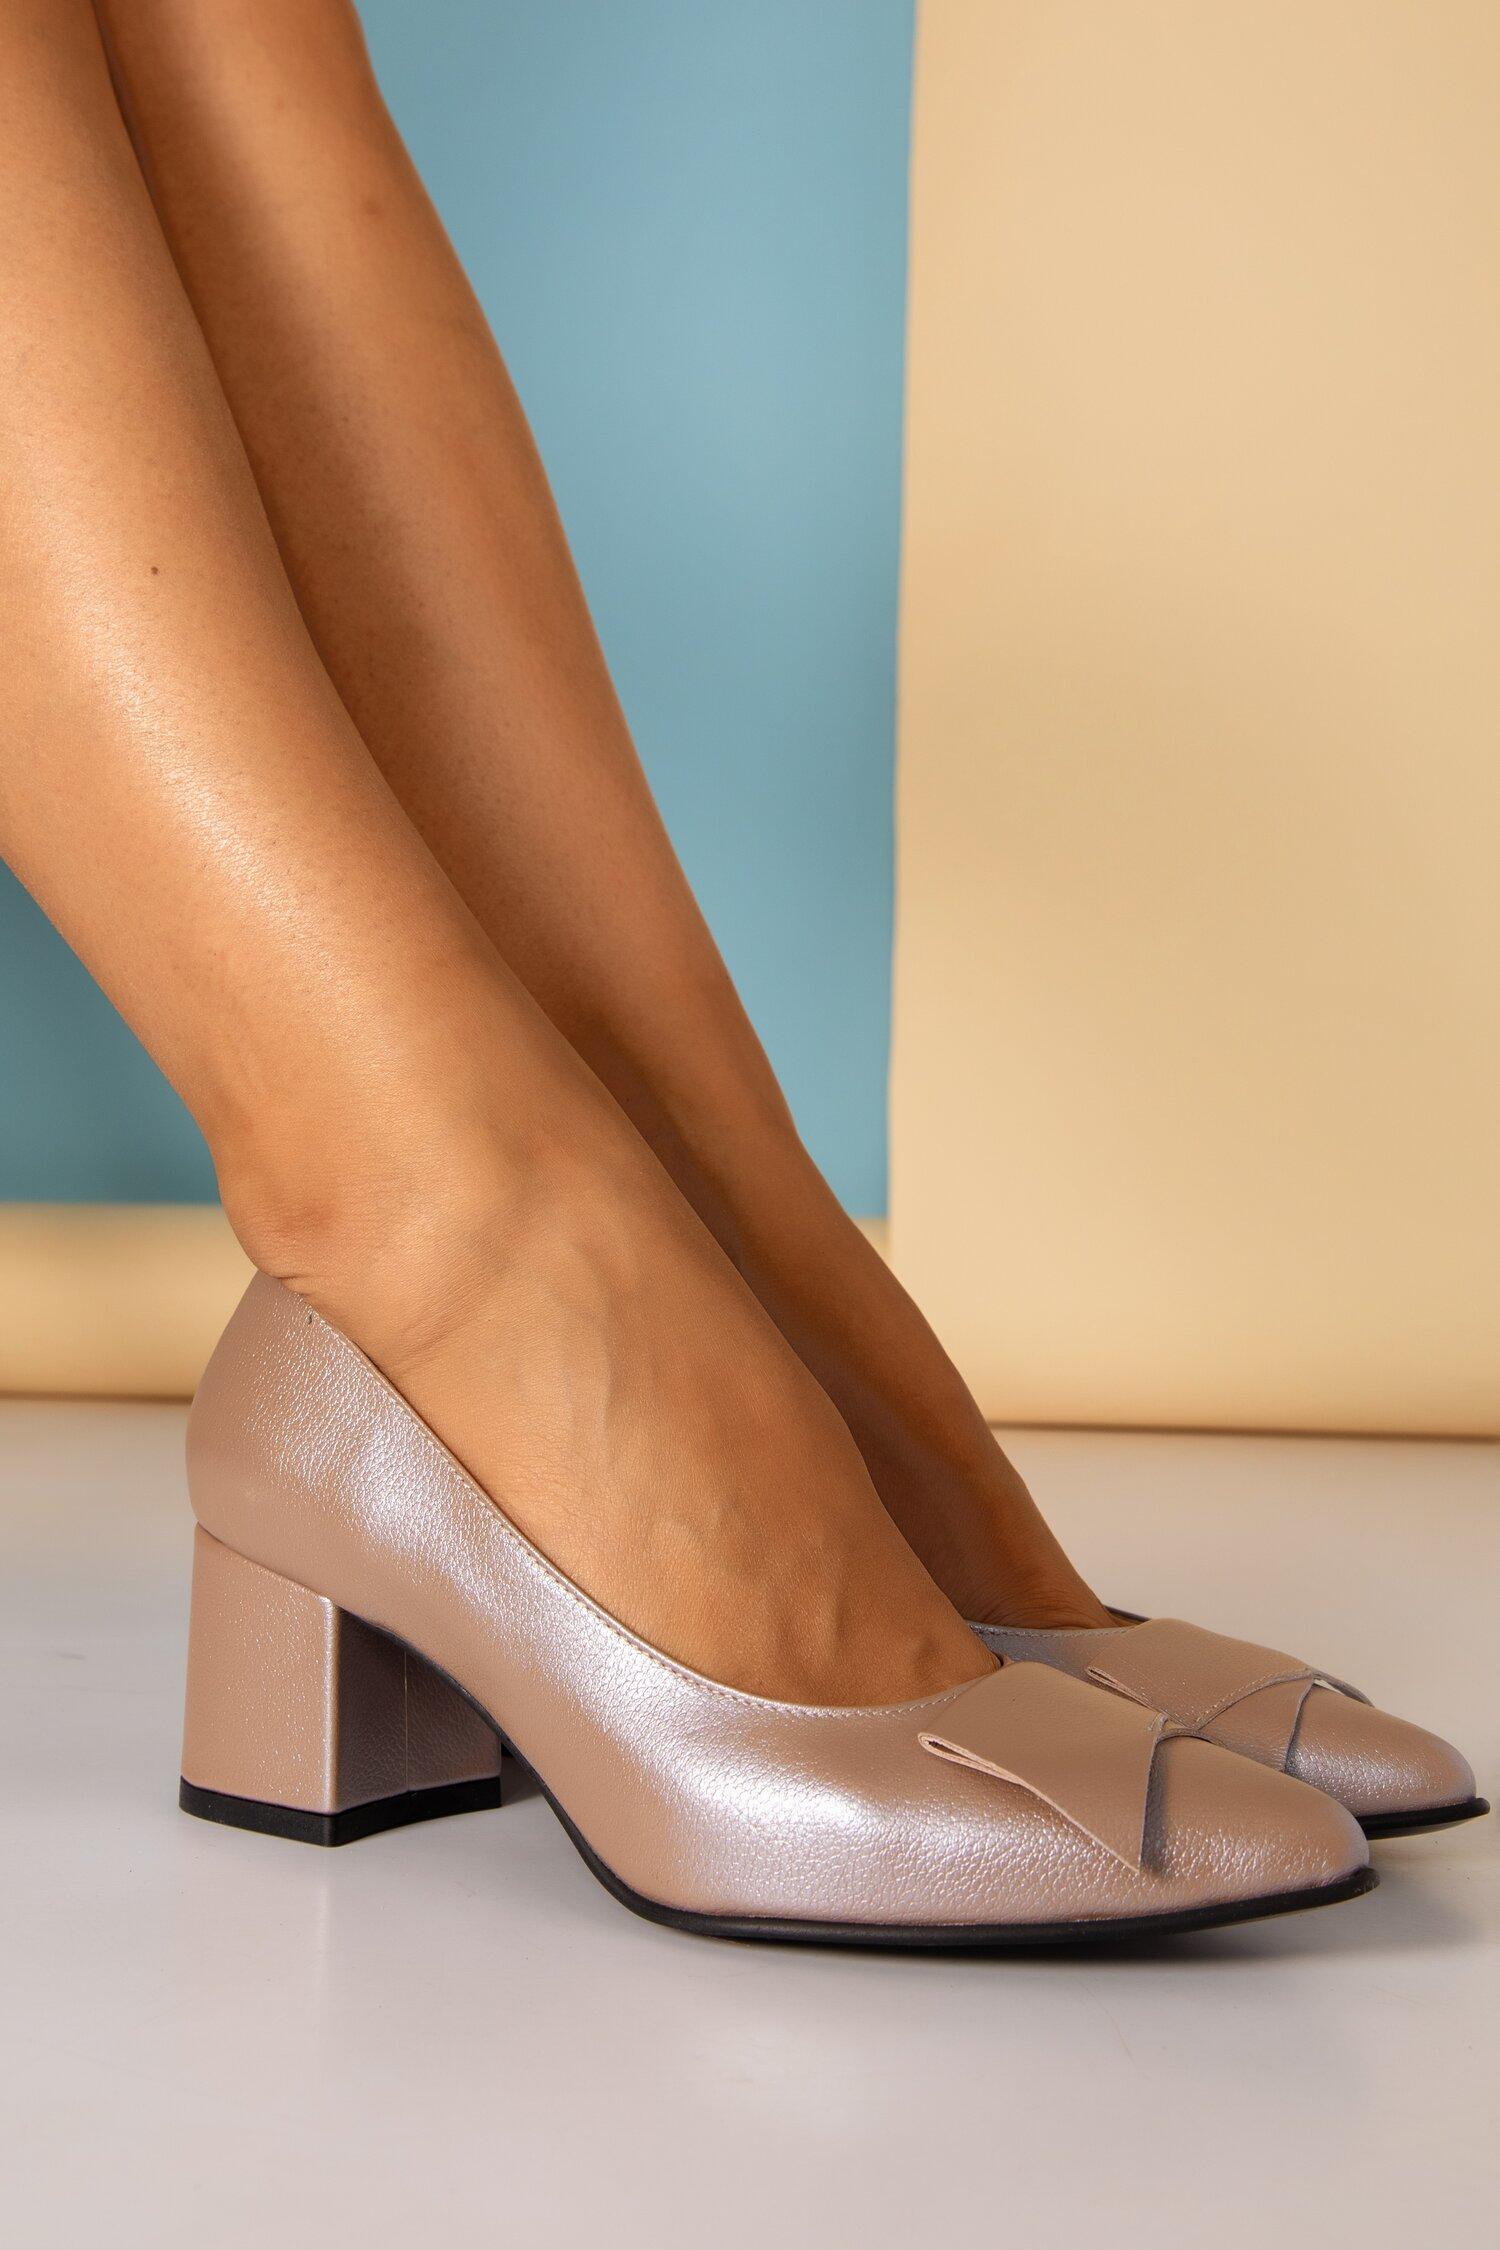 Pantofi bej sidefati cu detaliu aplicat